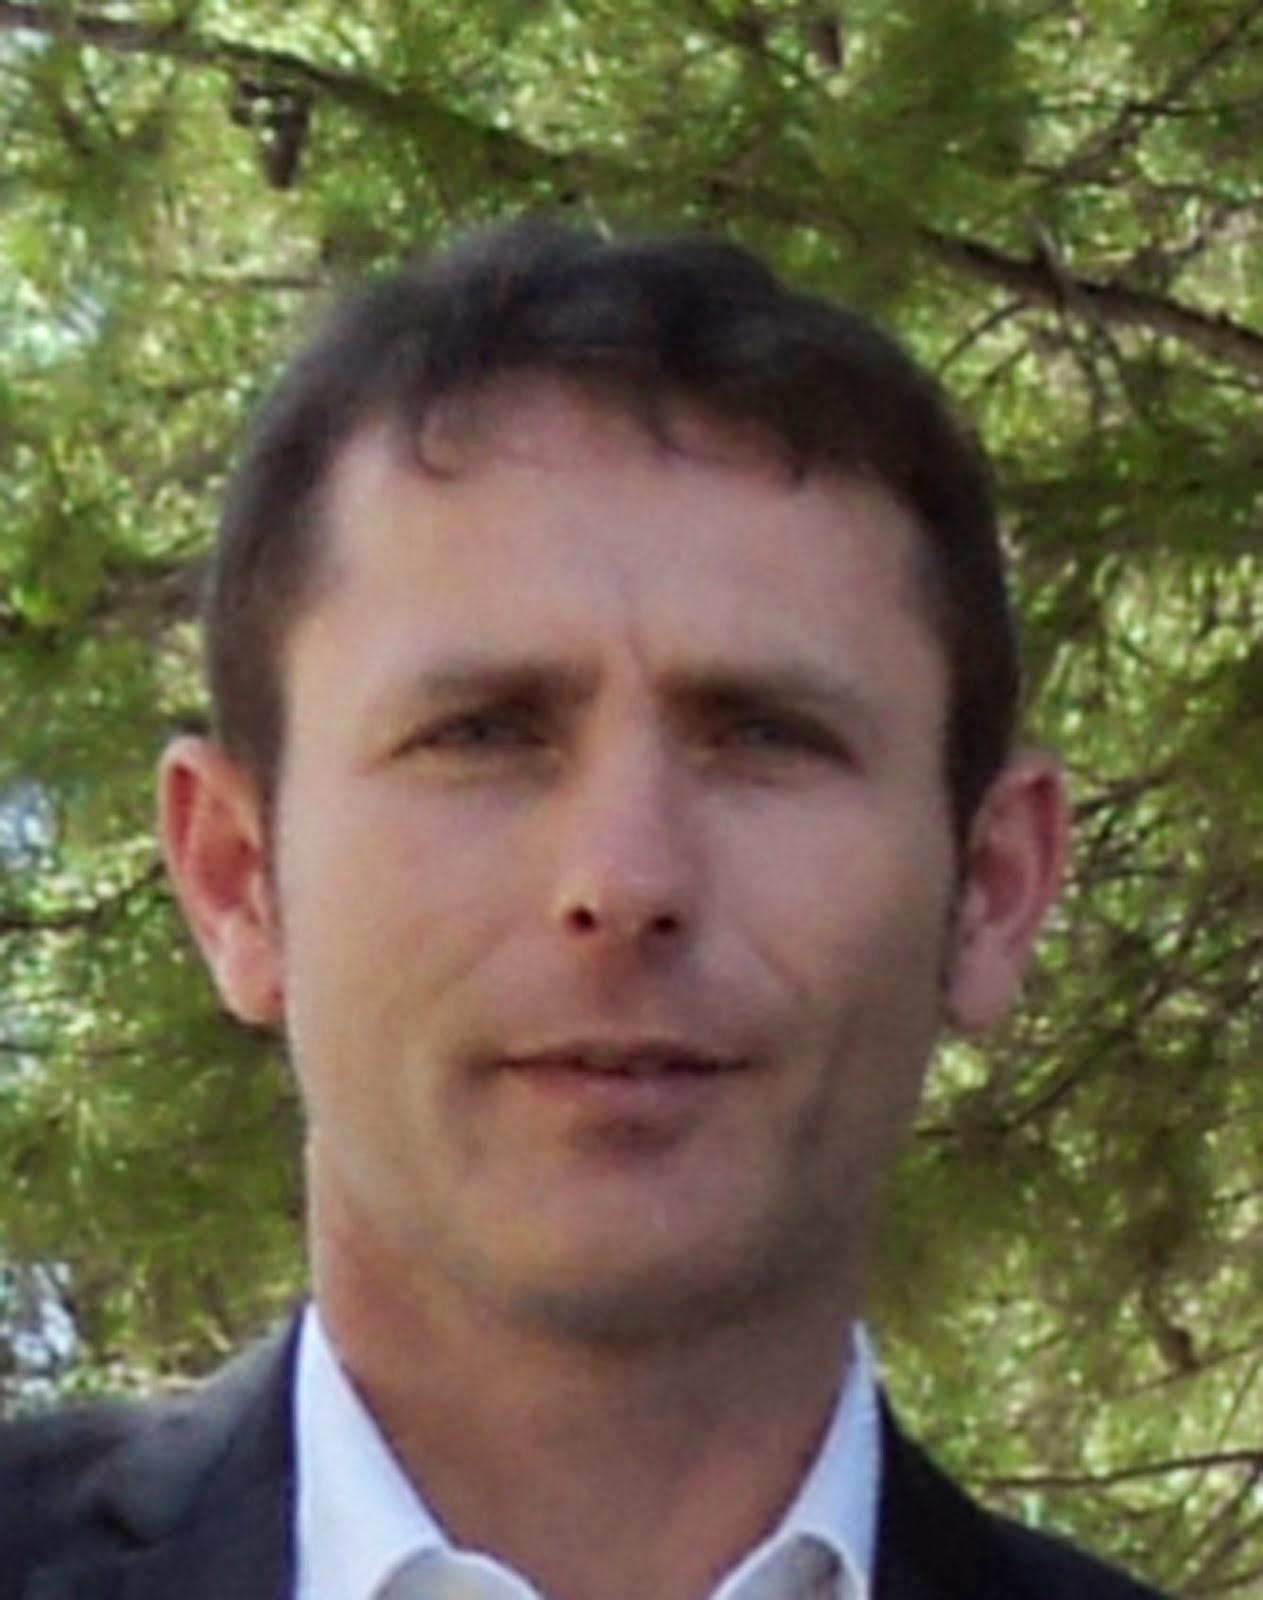 Antonio León Garre